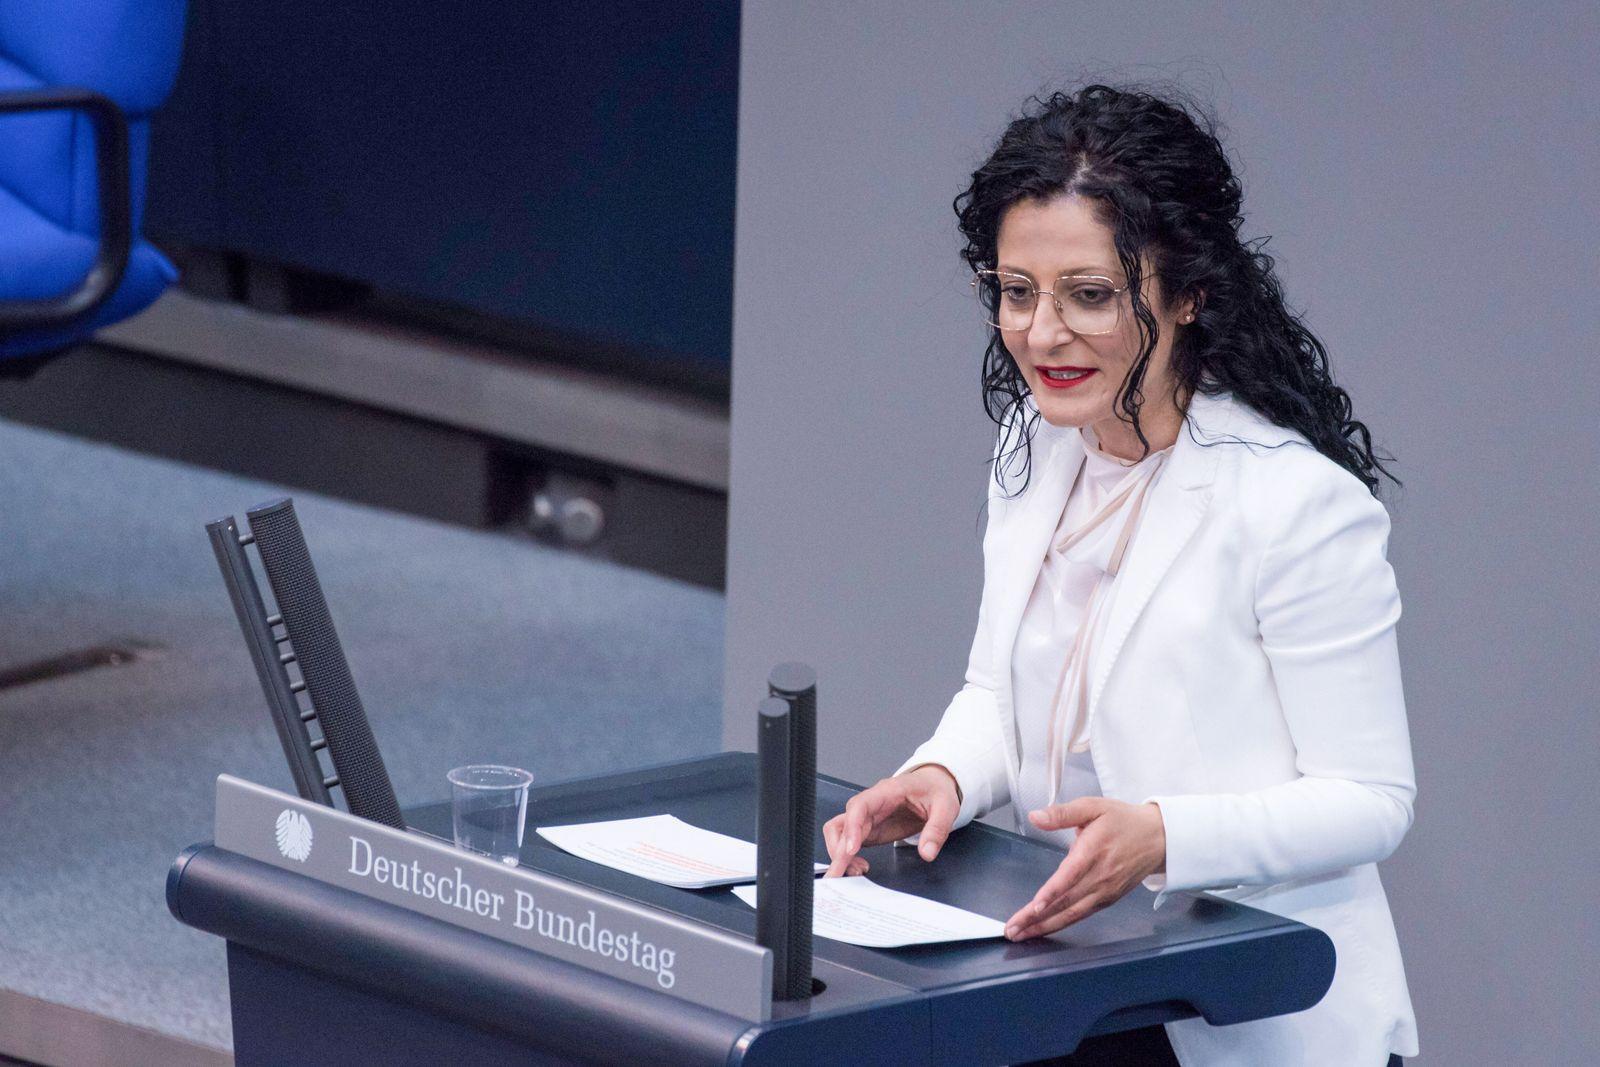 Berlin, Plenarsitzung im Bundestag Deutschland, Berlin - 07.05.2020: Im Bild ist Cansel Kiziltepe (spd) w??hrend der Sit